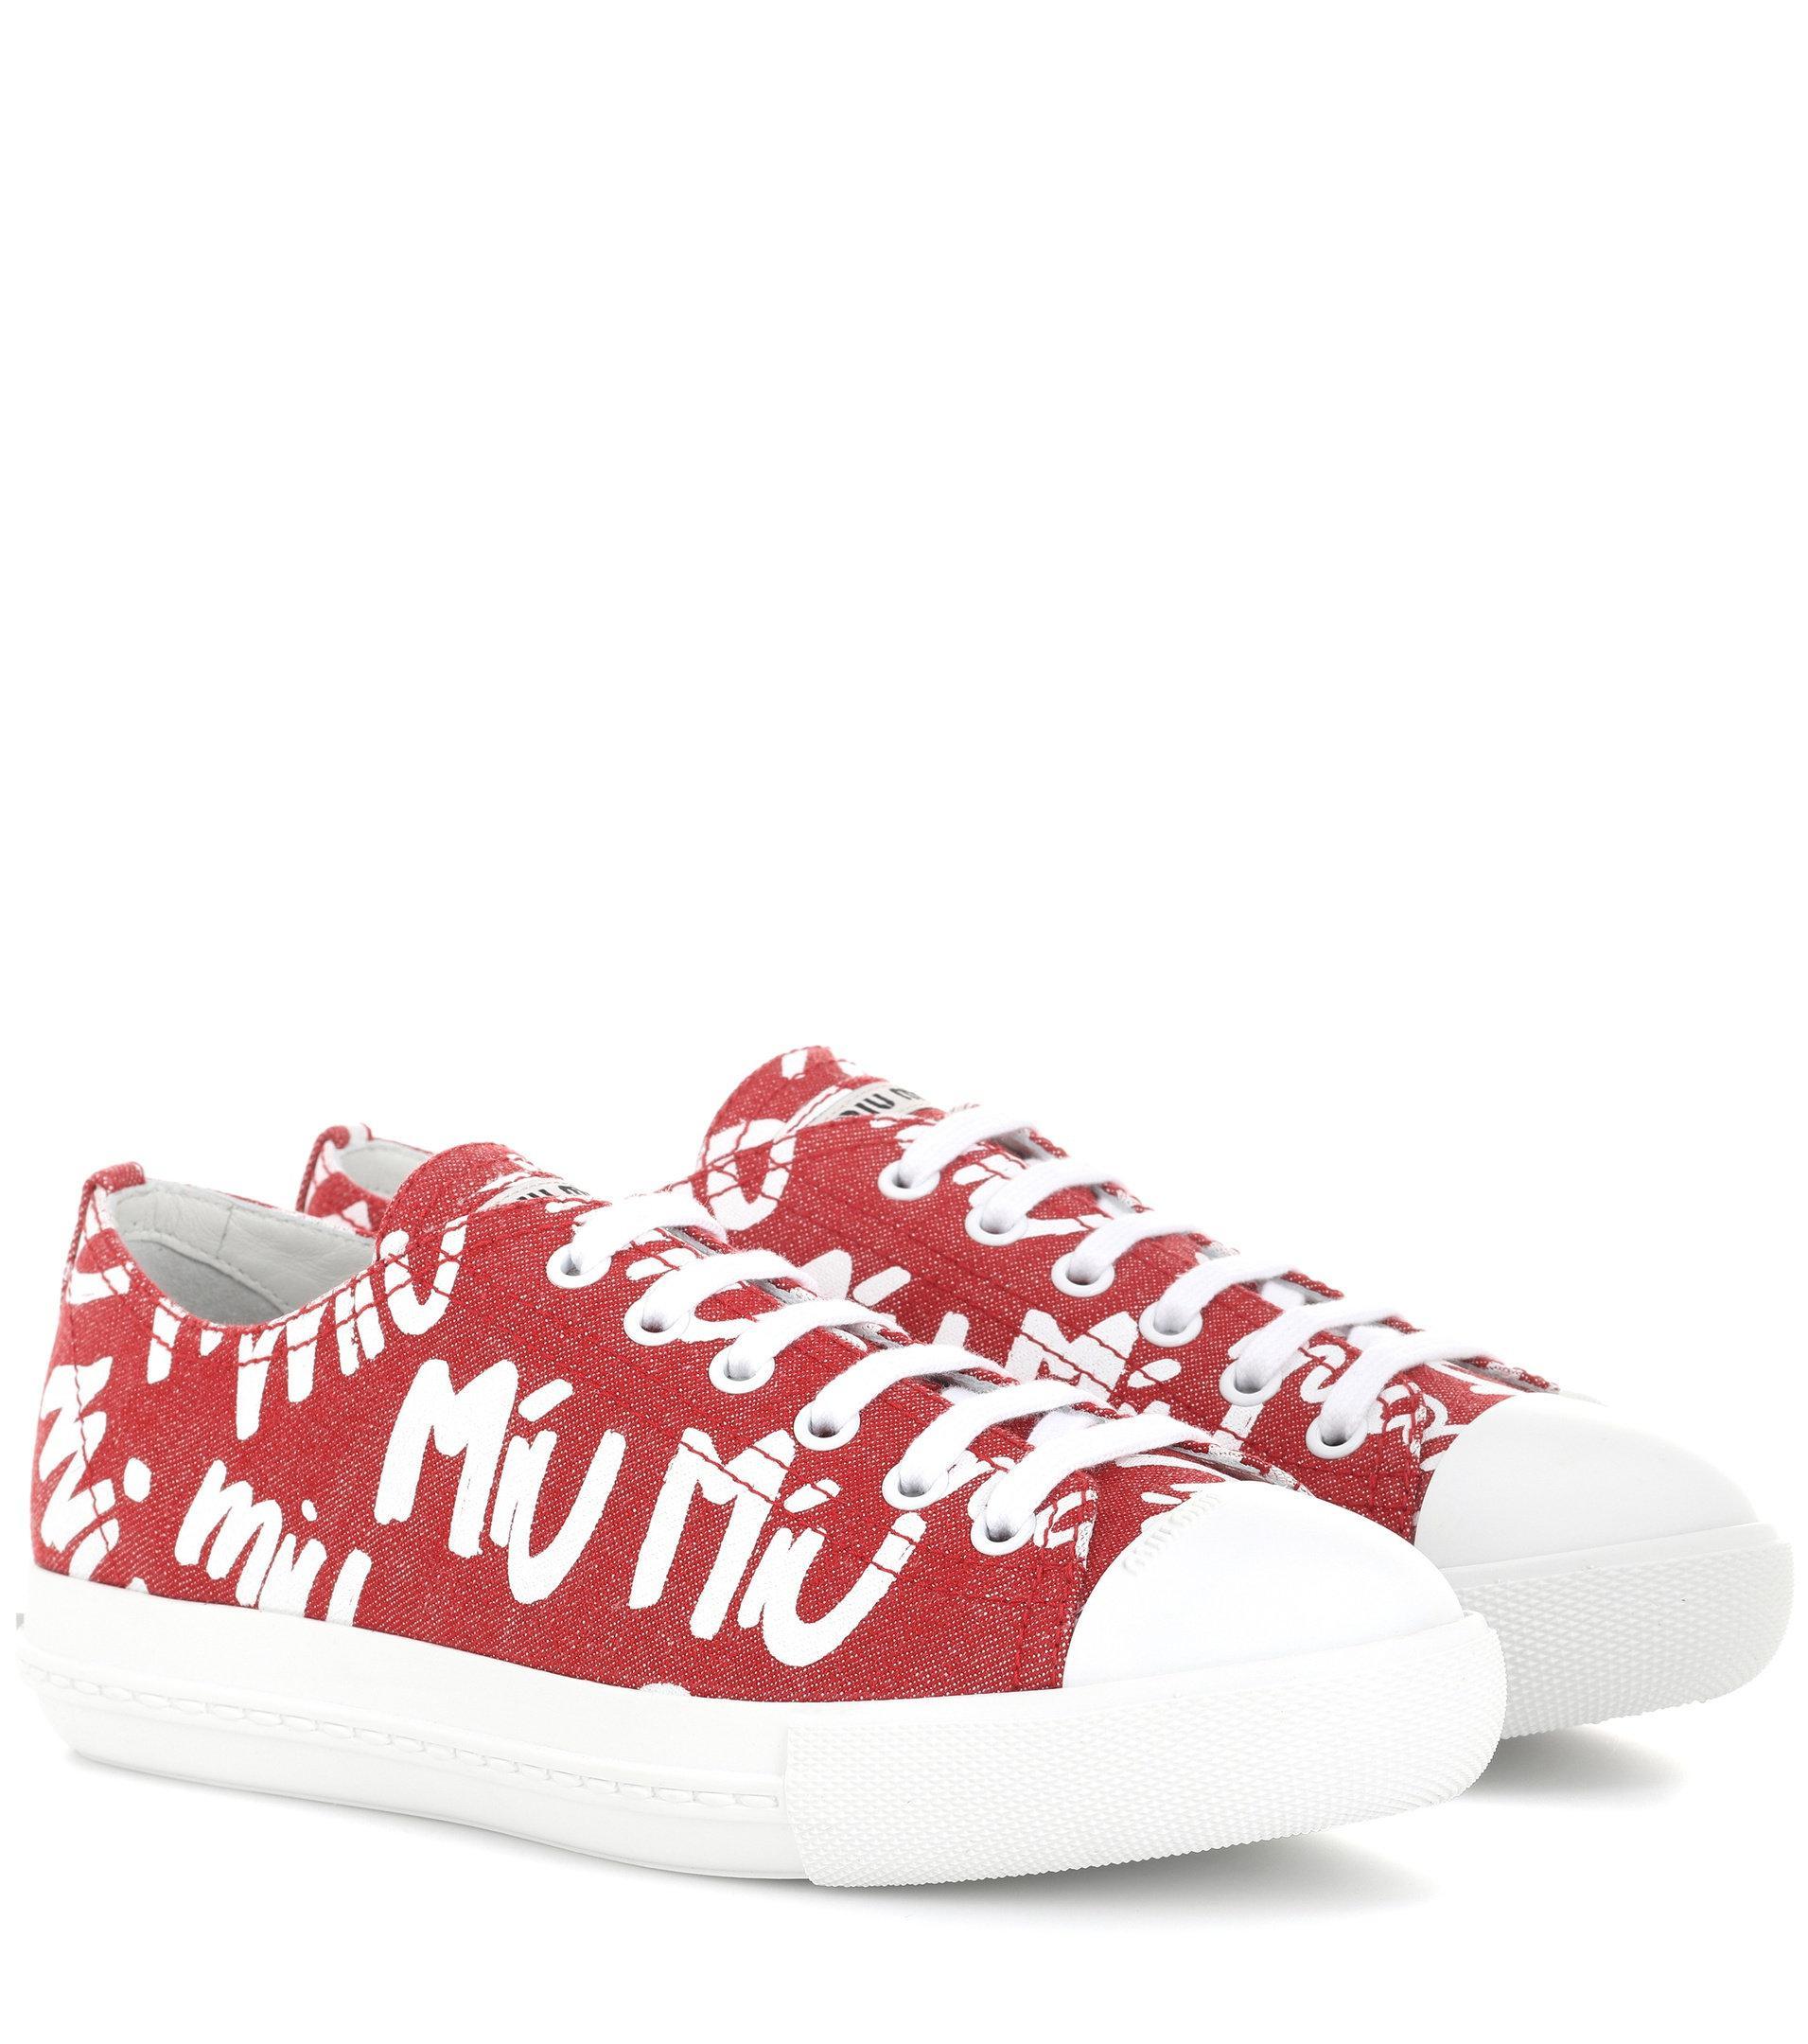 Miu Miu Logo printed sneakers LchVj